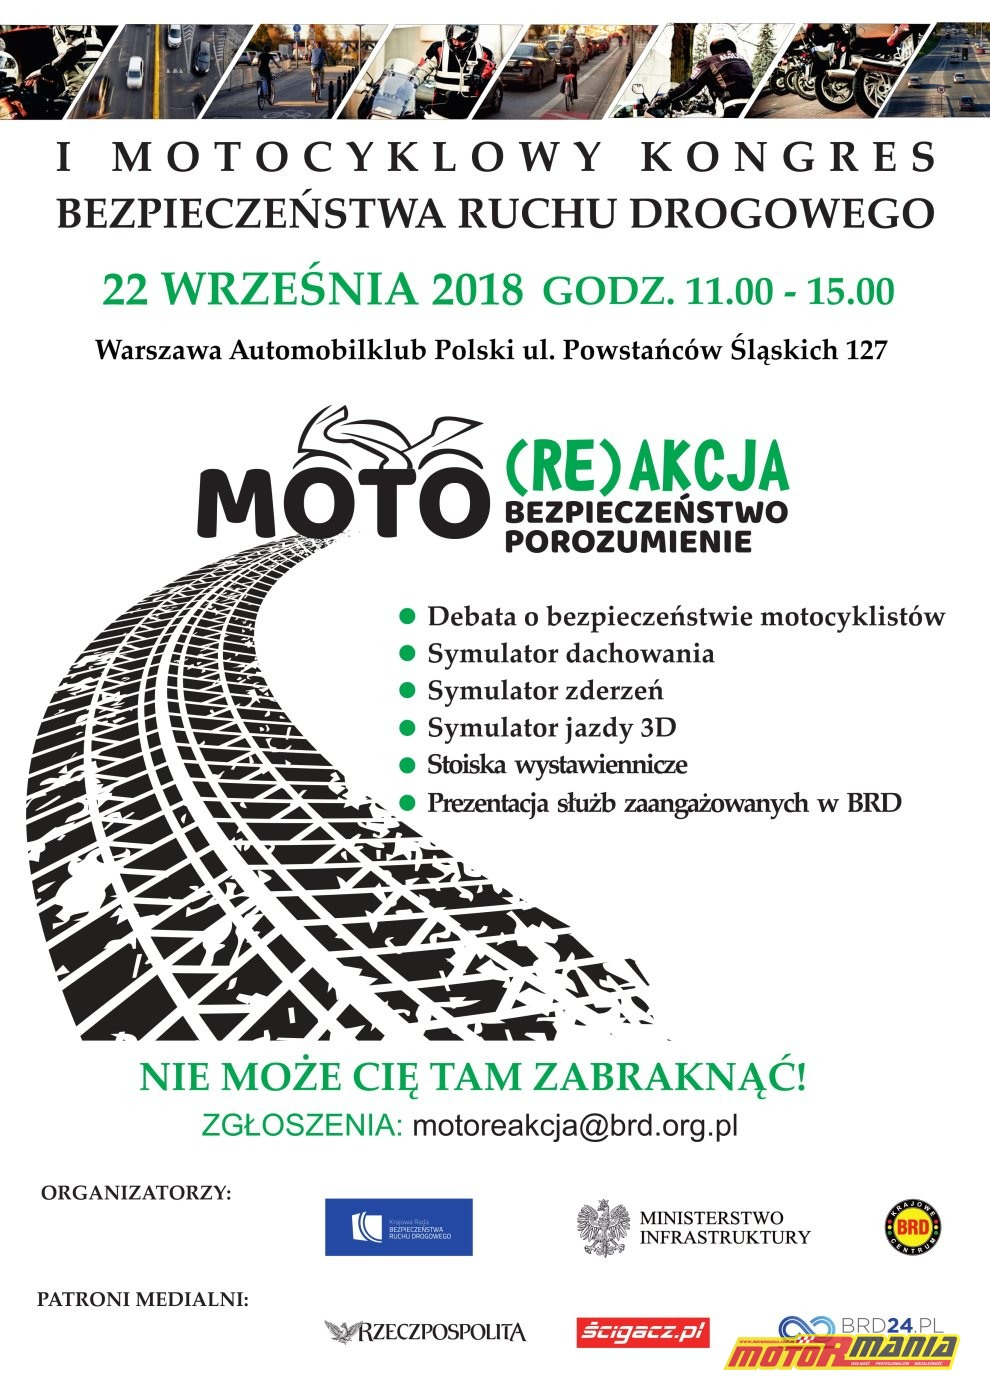 motocyklowy kongres bezpieczenstwa (1)